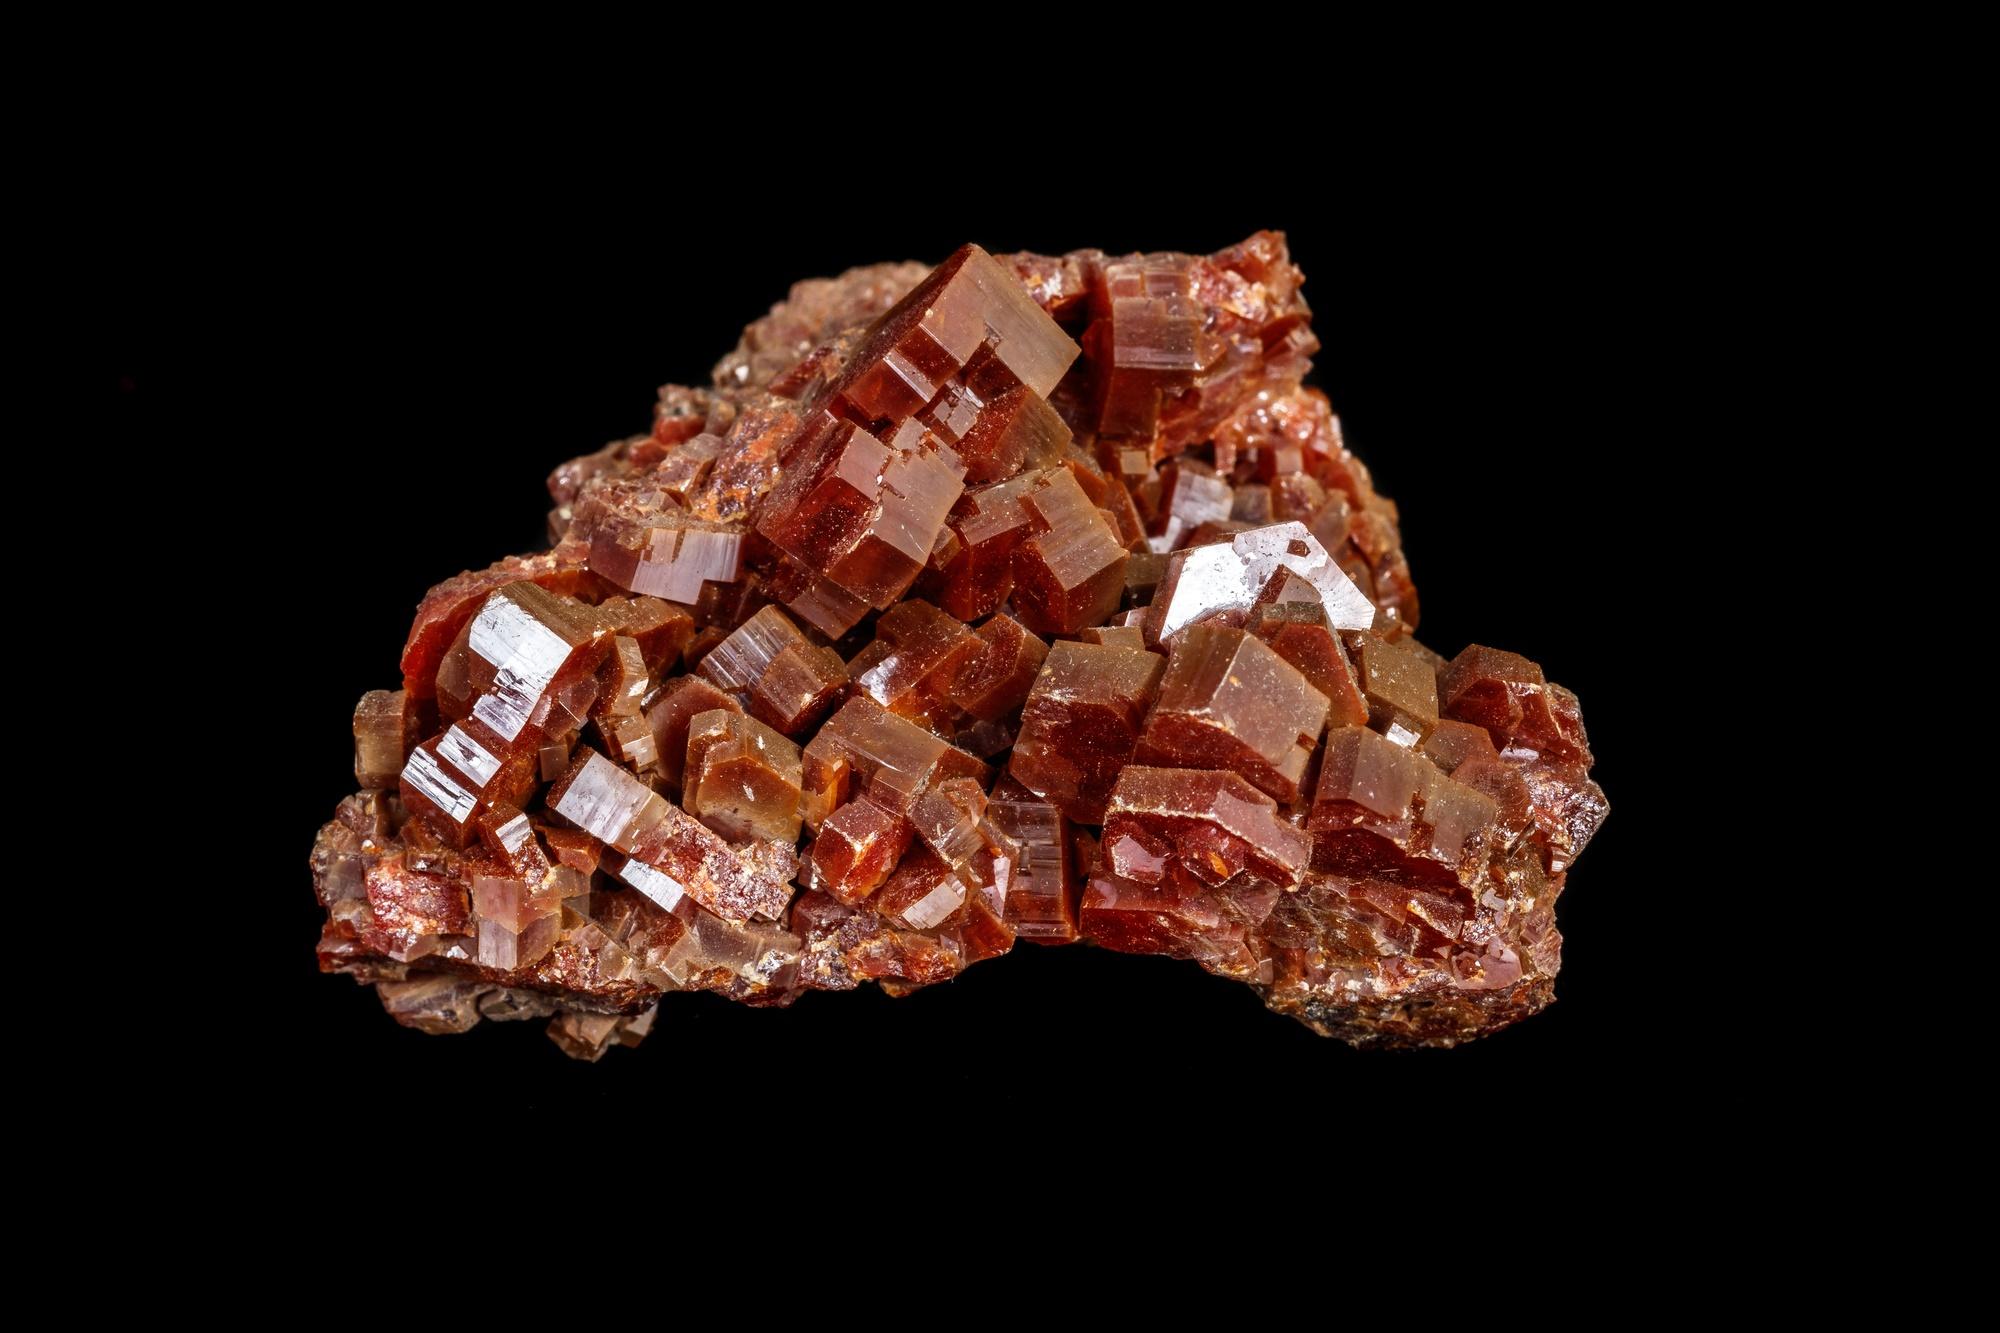 """מושבת וונדינייט באדום-חום, עם גבישים גדולים במיוחד. התמונה ממאגר """"דפוזיט"""" From """"Deposit"""" Photos"""